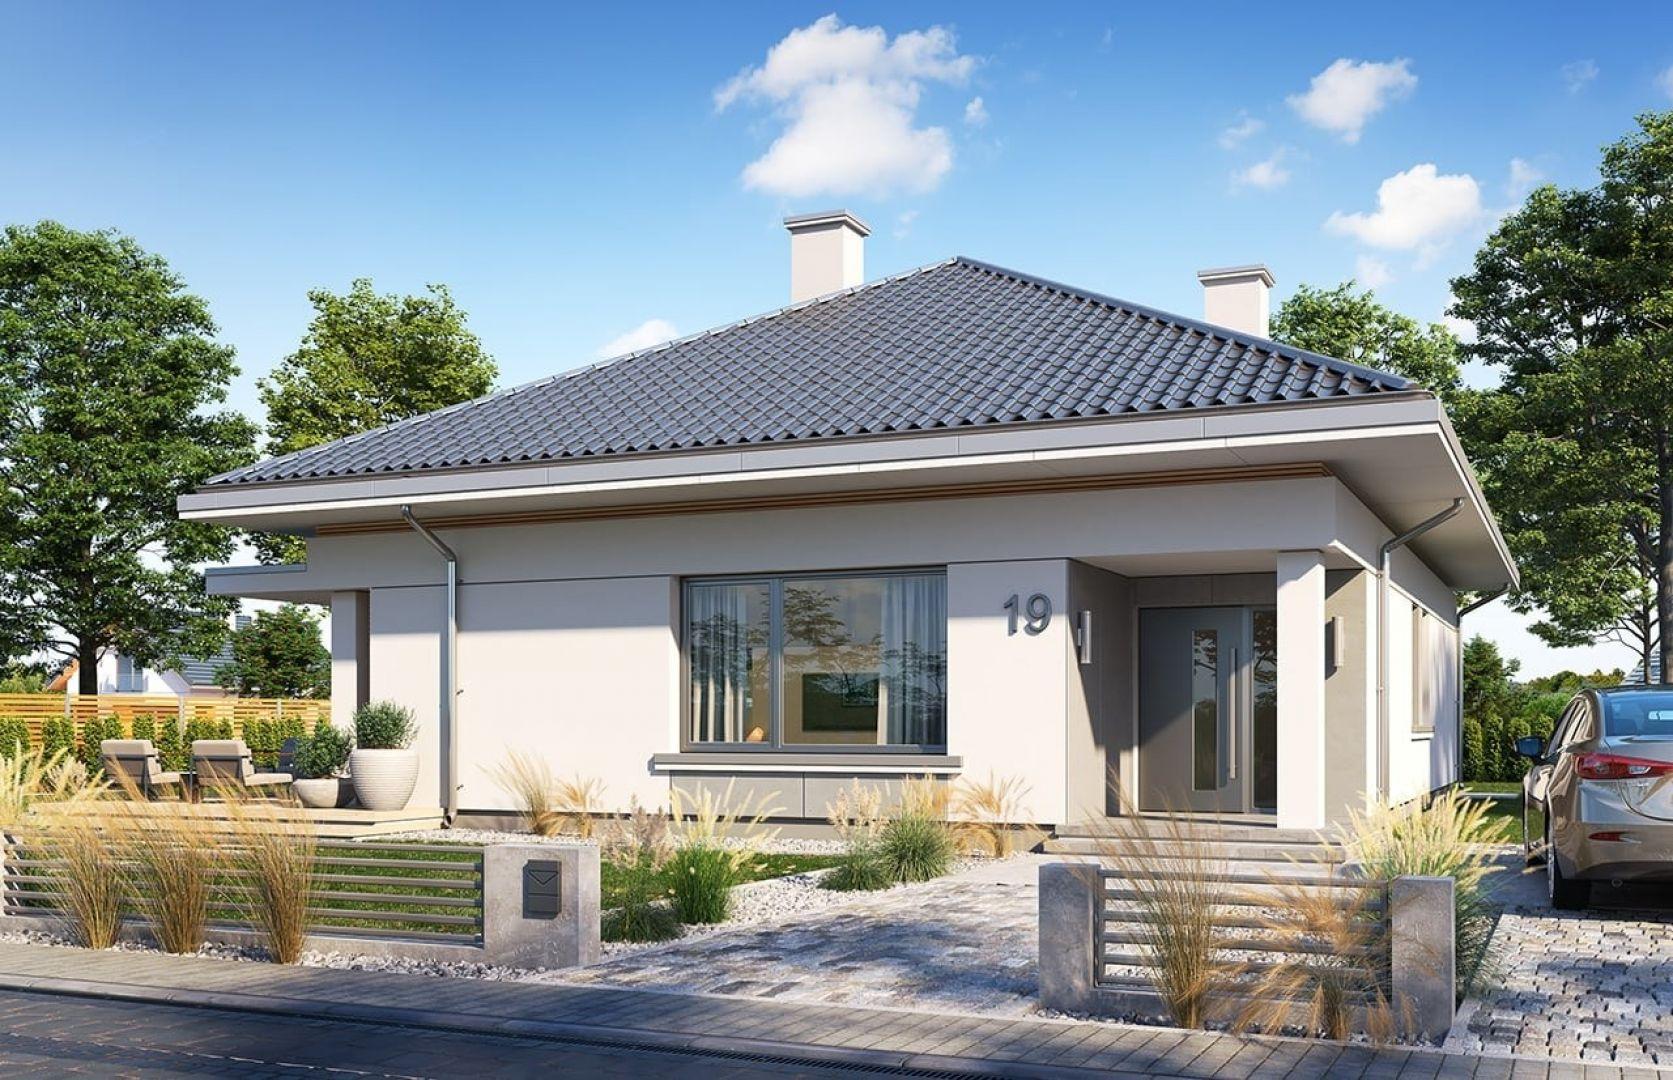 Dzięki zastosowanym detalom i materiałom dom jest oryginalny i prezentuje się wyjątkowo. Projekt: arch. Michał Gąsiorowski. Fot. MG Projekt